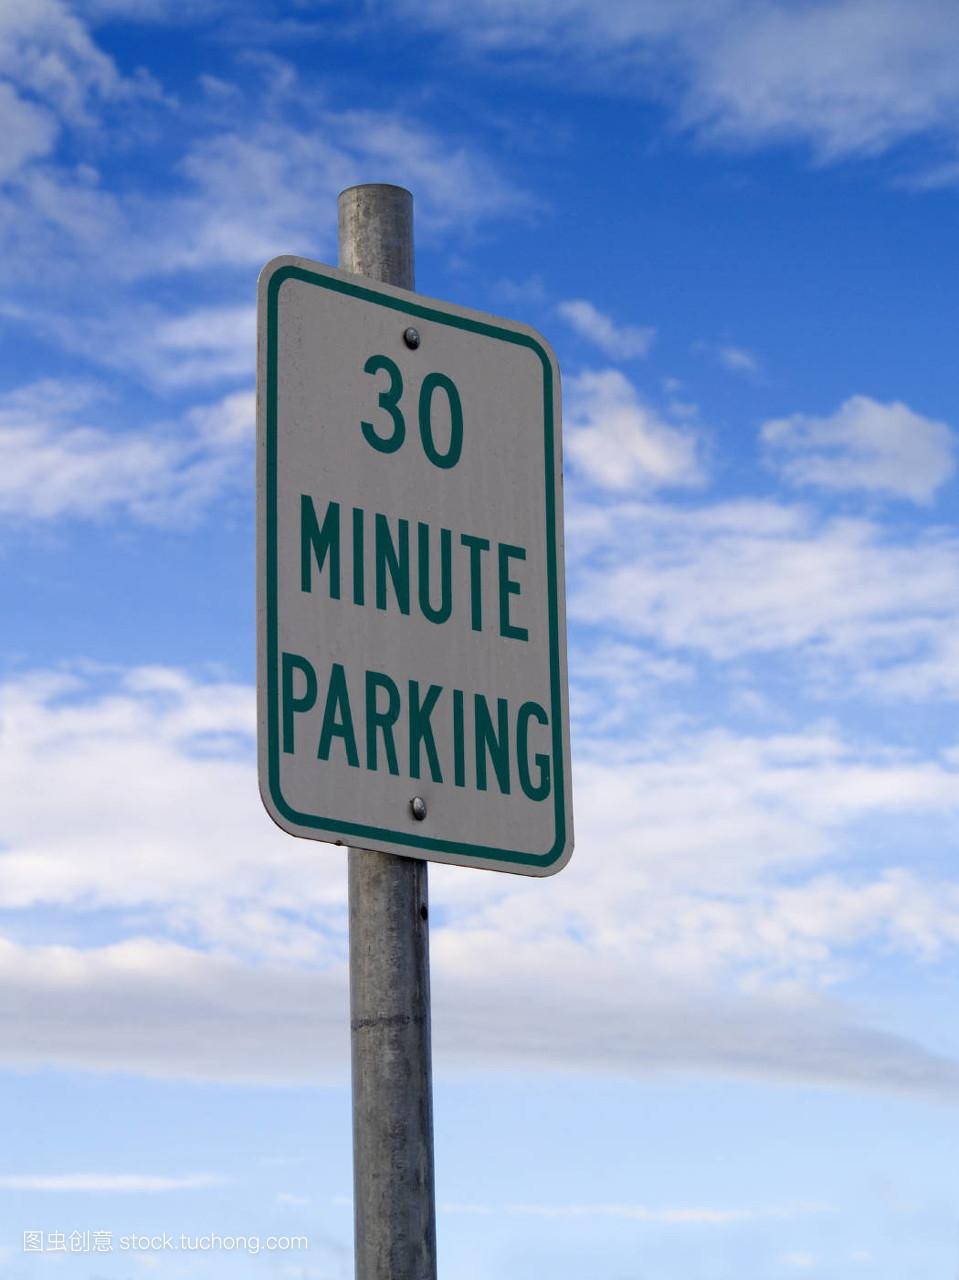 标志,发信号,信号,旌旗灯号,公园,三十,停车,警告,广告牌,消息,礼物图片